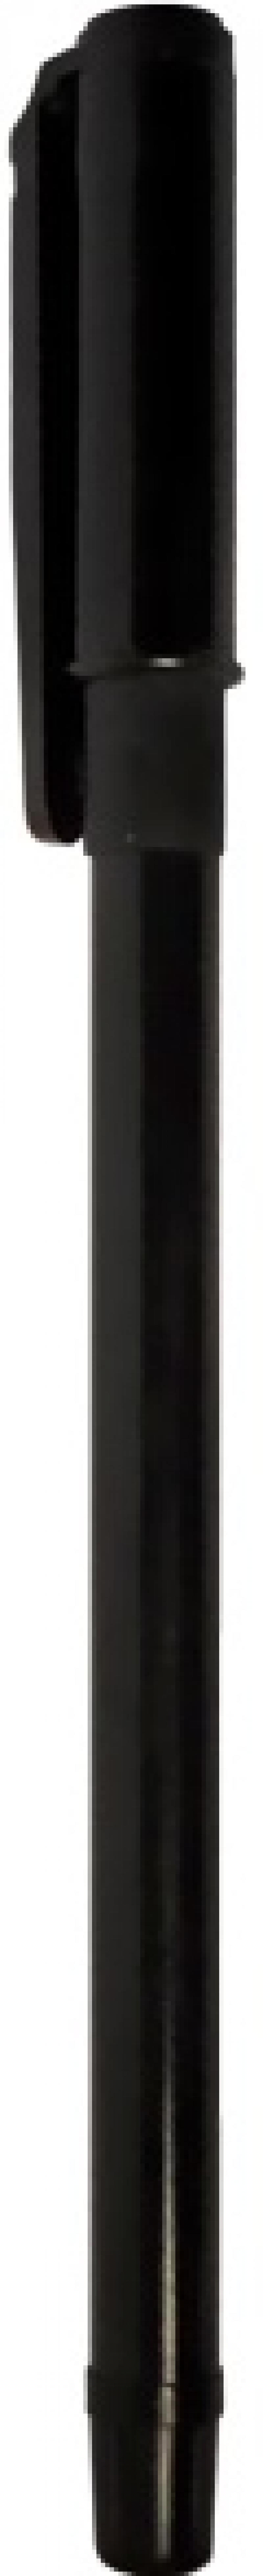 Шариковая ручка Index Sigma черный 0.7 мм IBP504/BK масляные чернила IBP504/BK монитор benq 24 gl2450hm bk bk 9h l7cla rbe